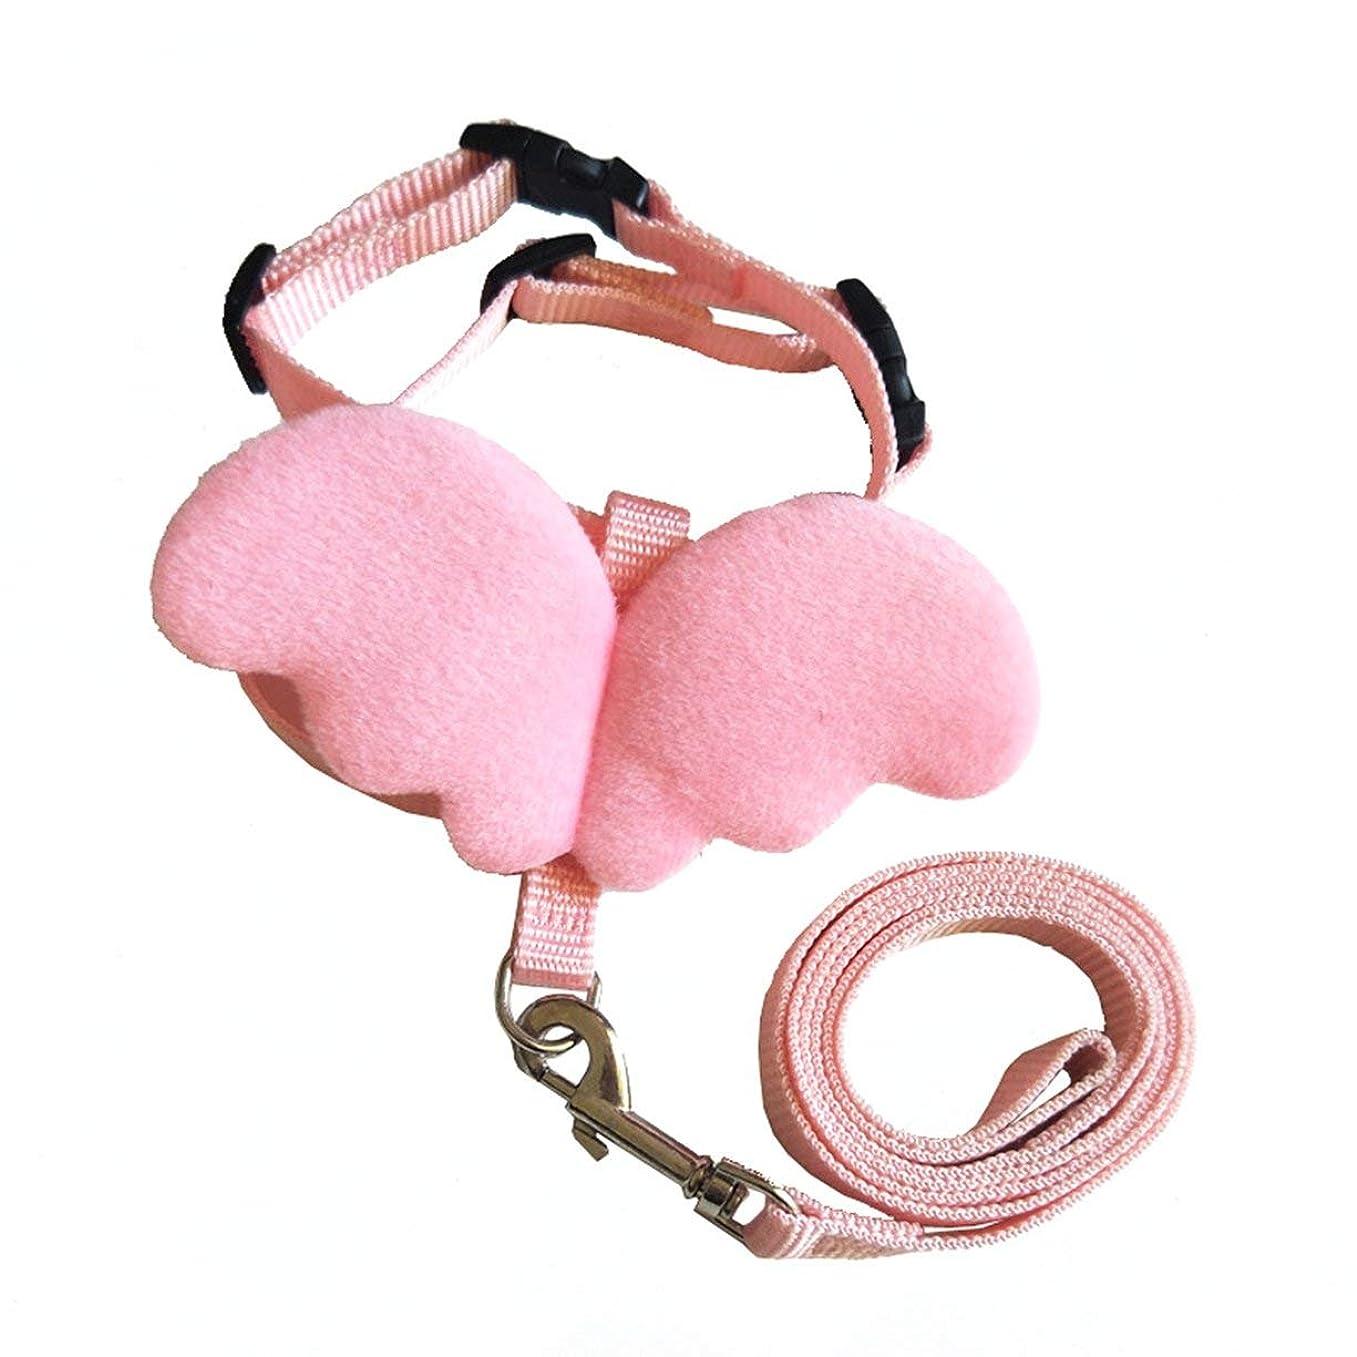 ピカリング不適早めるかわいいペットの犬の首輪は、小さなペット用に設定され、天使の羽付きの調節可能な犬のハーネスナイロンストラップペットアクセサリー-ピンク